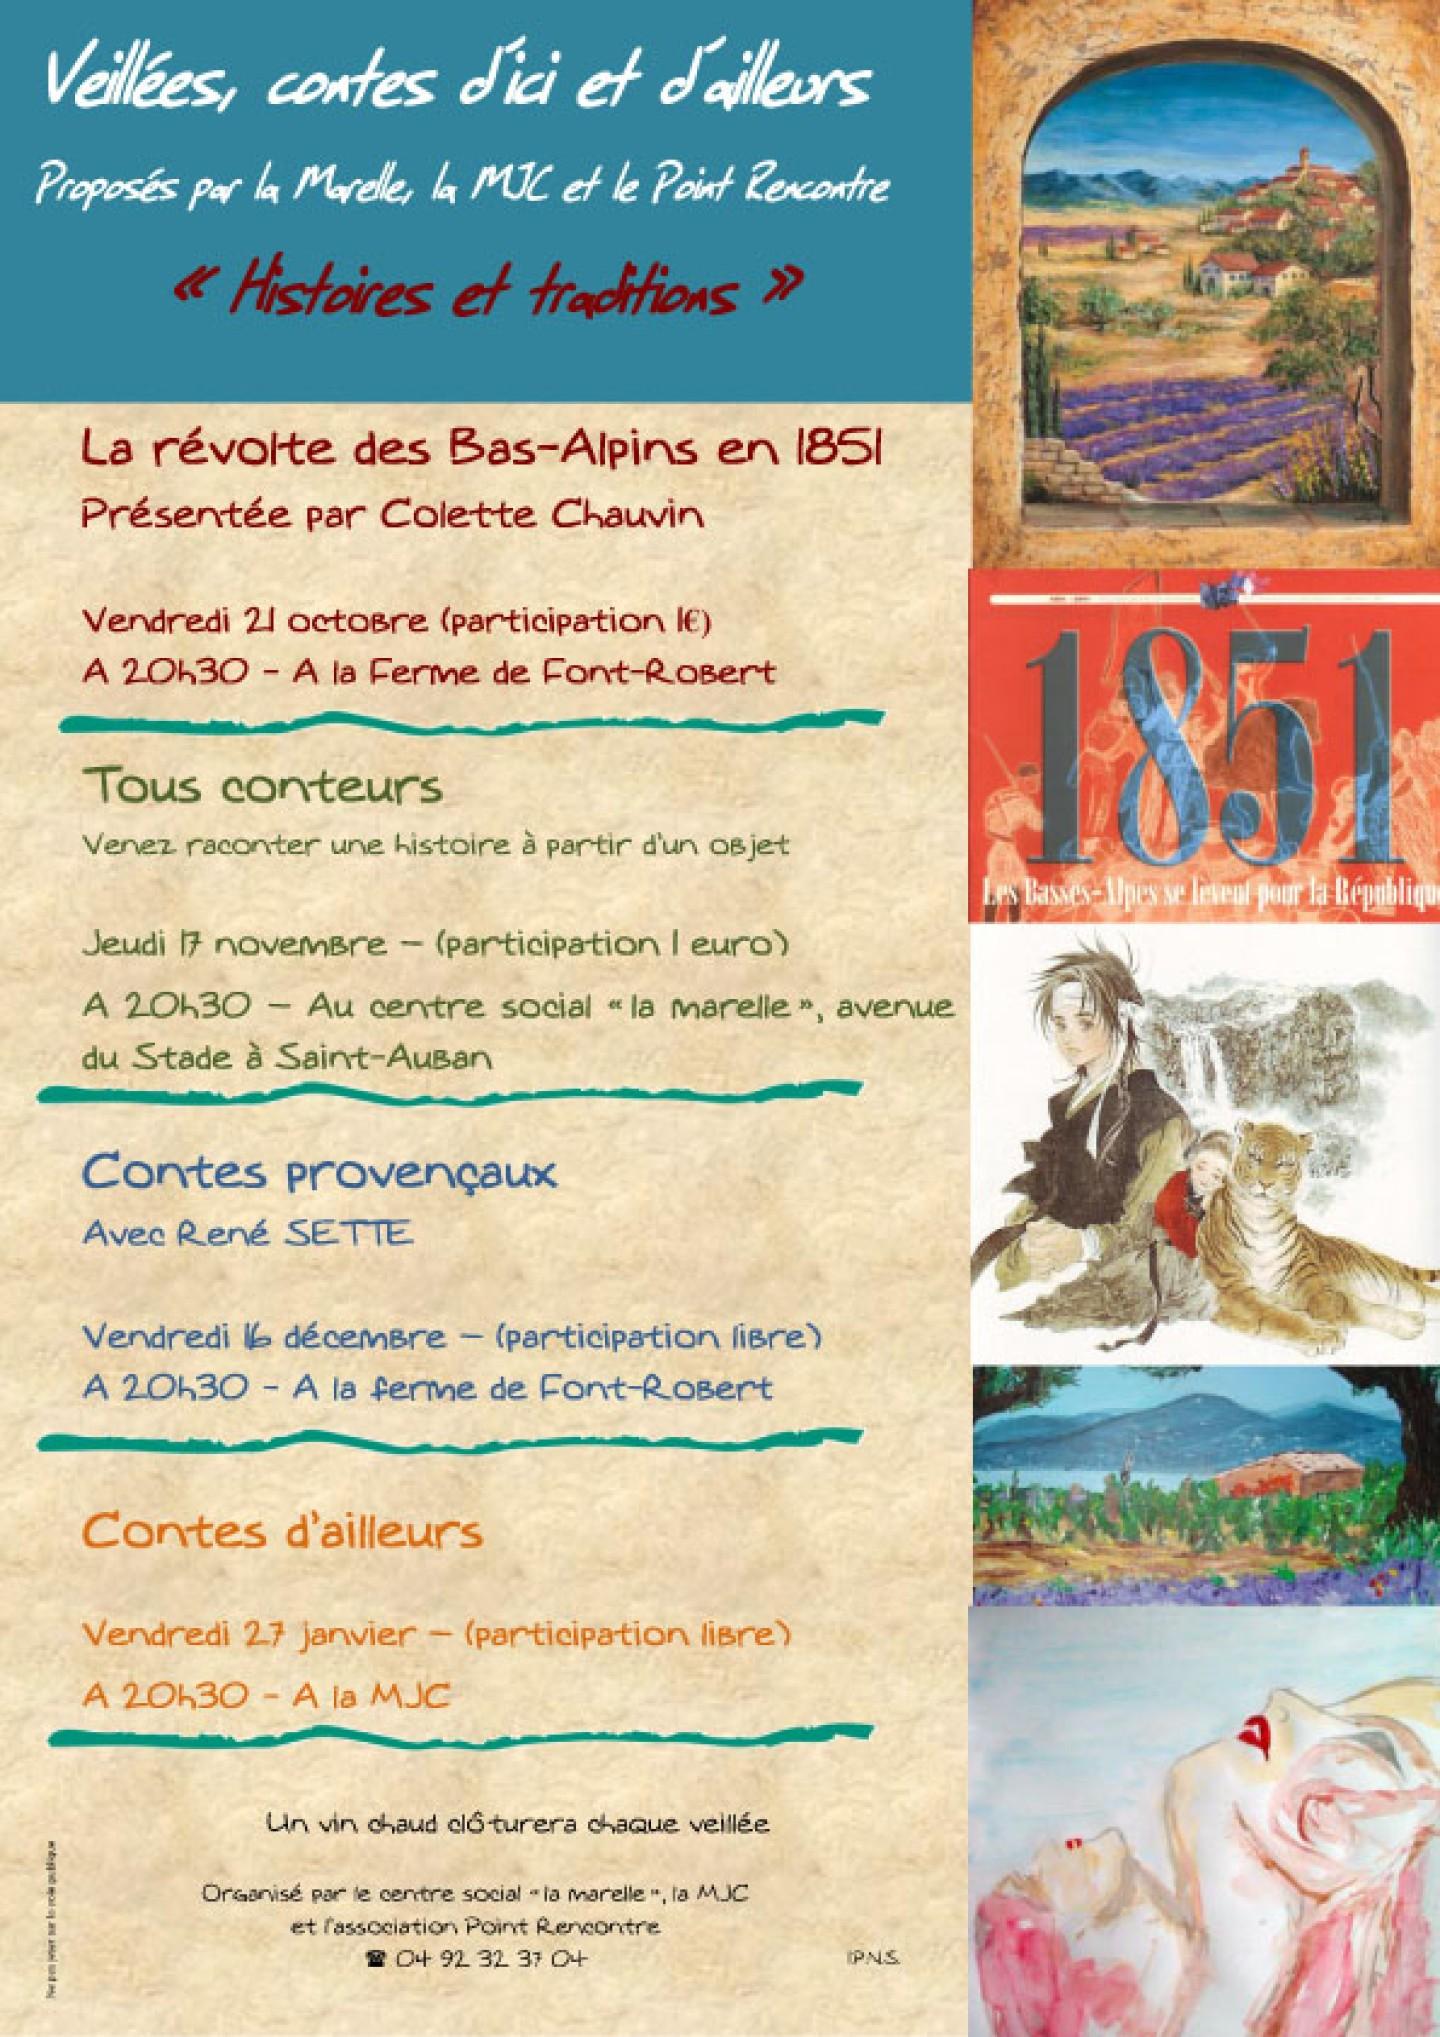 Veillées contes d'ici et d'ailleurs à Chateau-Arnoux saison 2011-2012